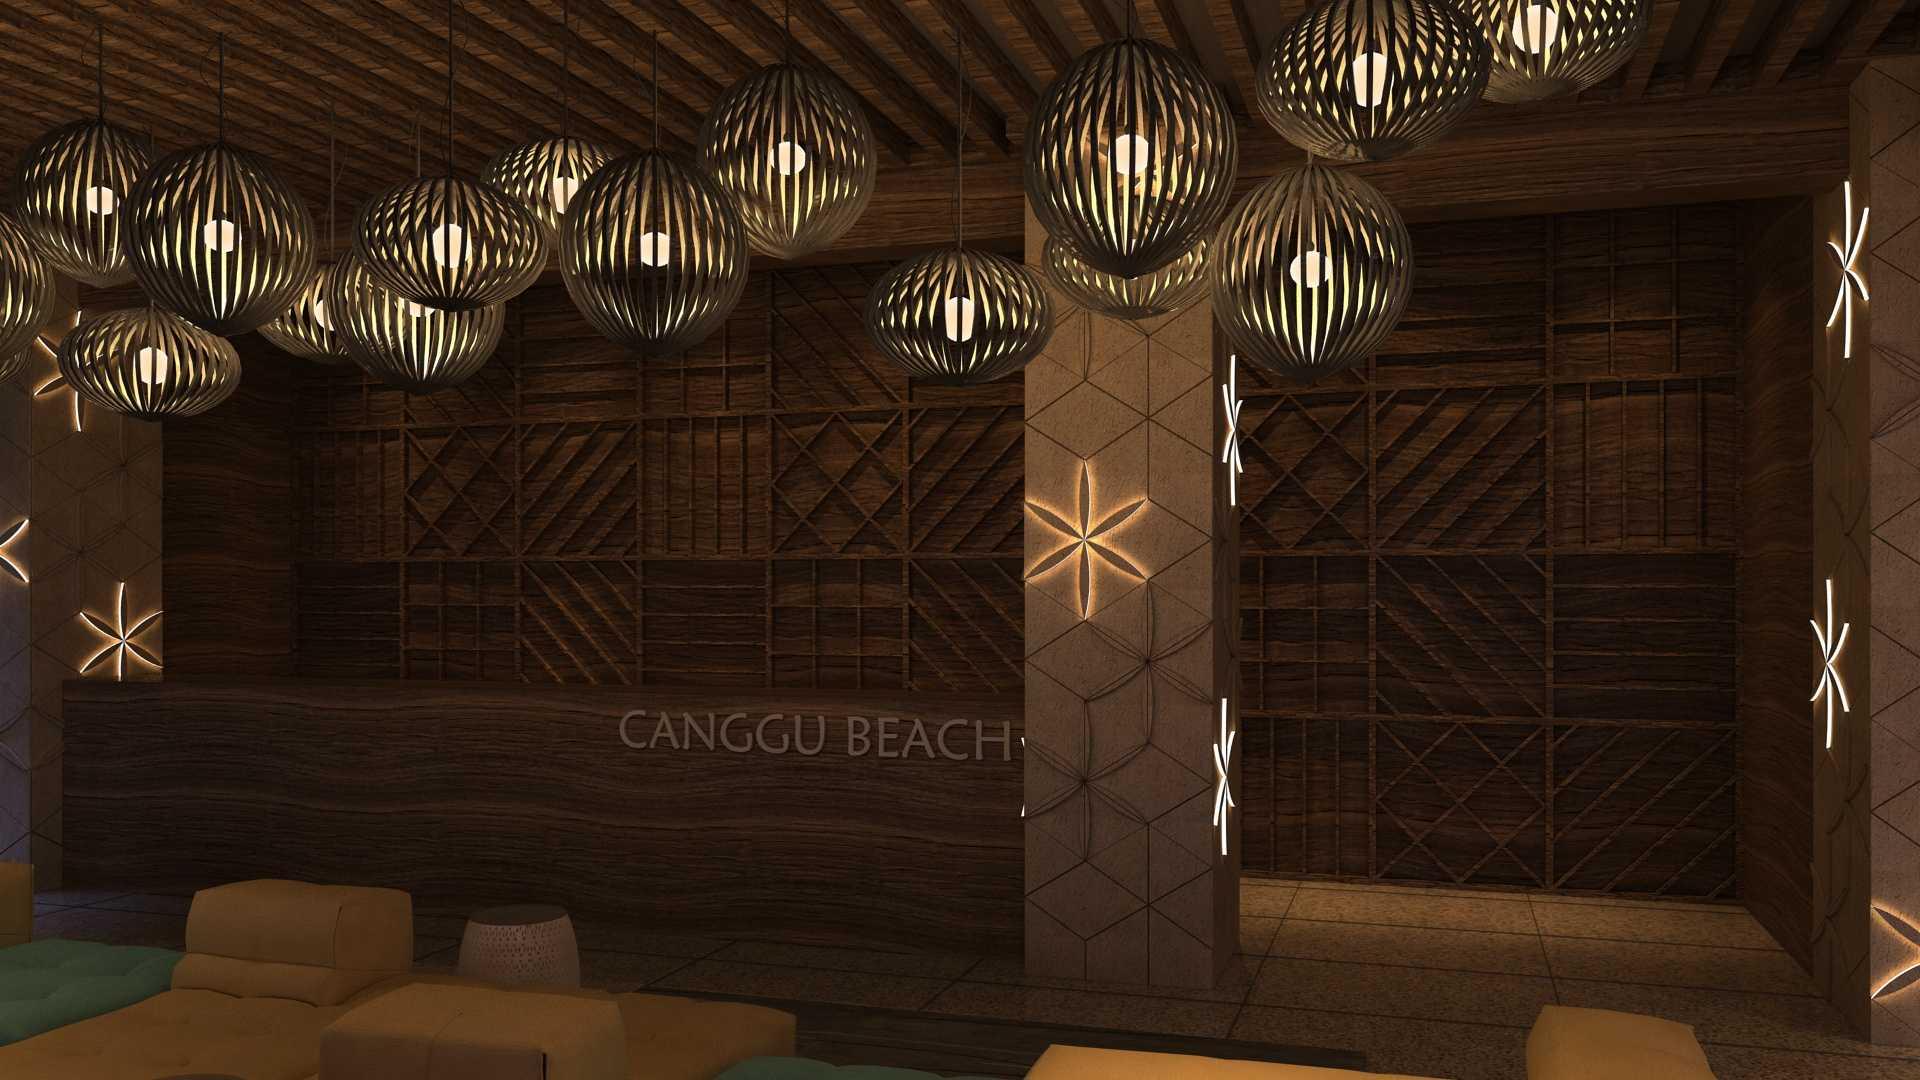 Vin•da•te Hotel Canggu Beach Bali - Indonesia Bali - Indonesia Interior Kontemporer  17574